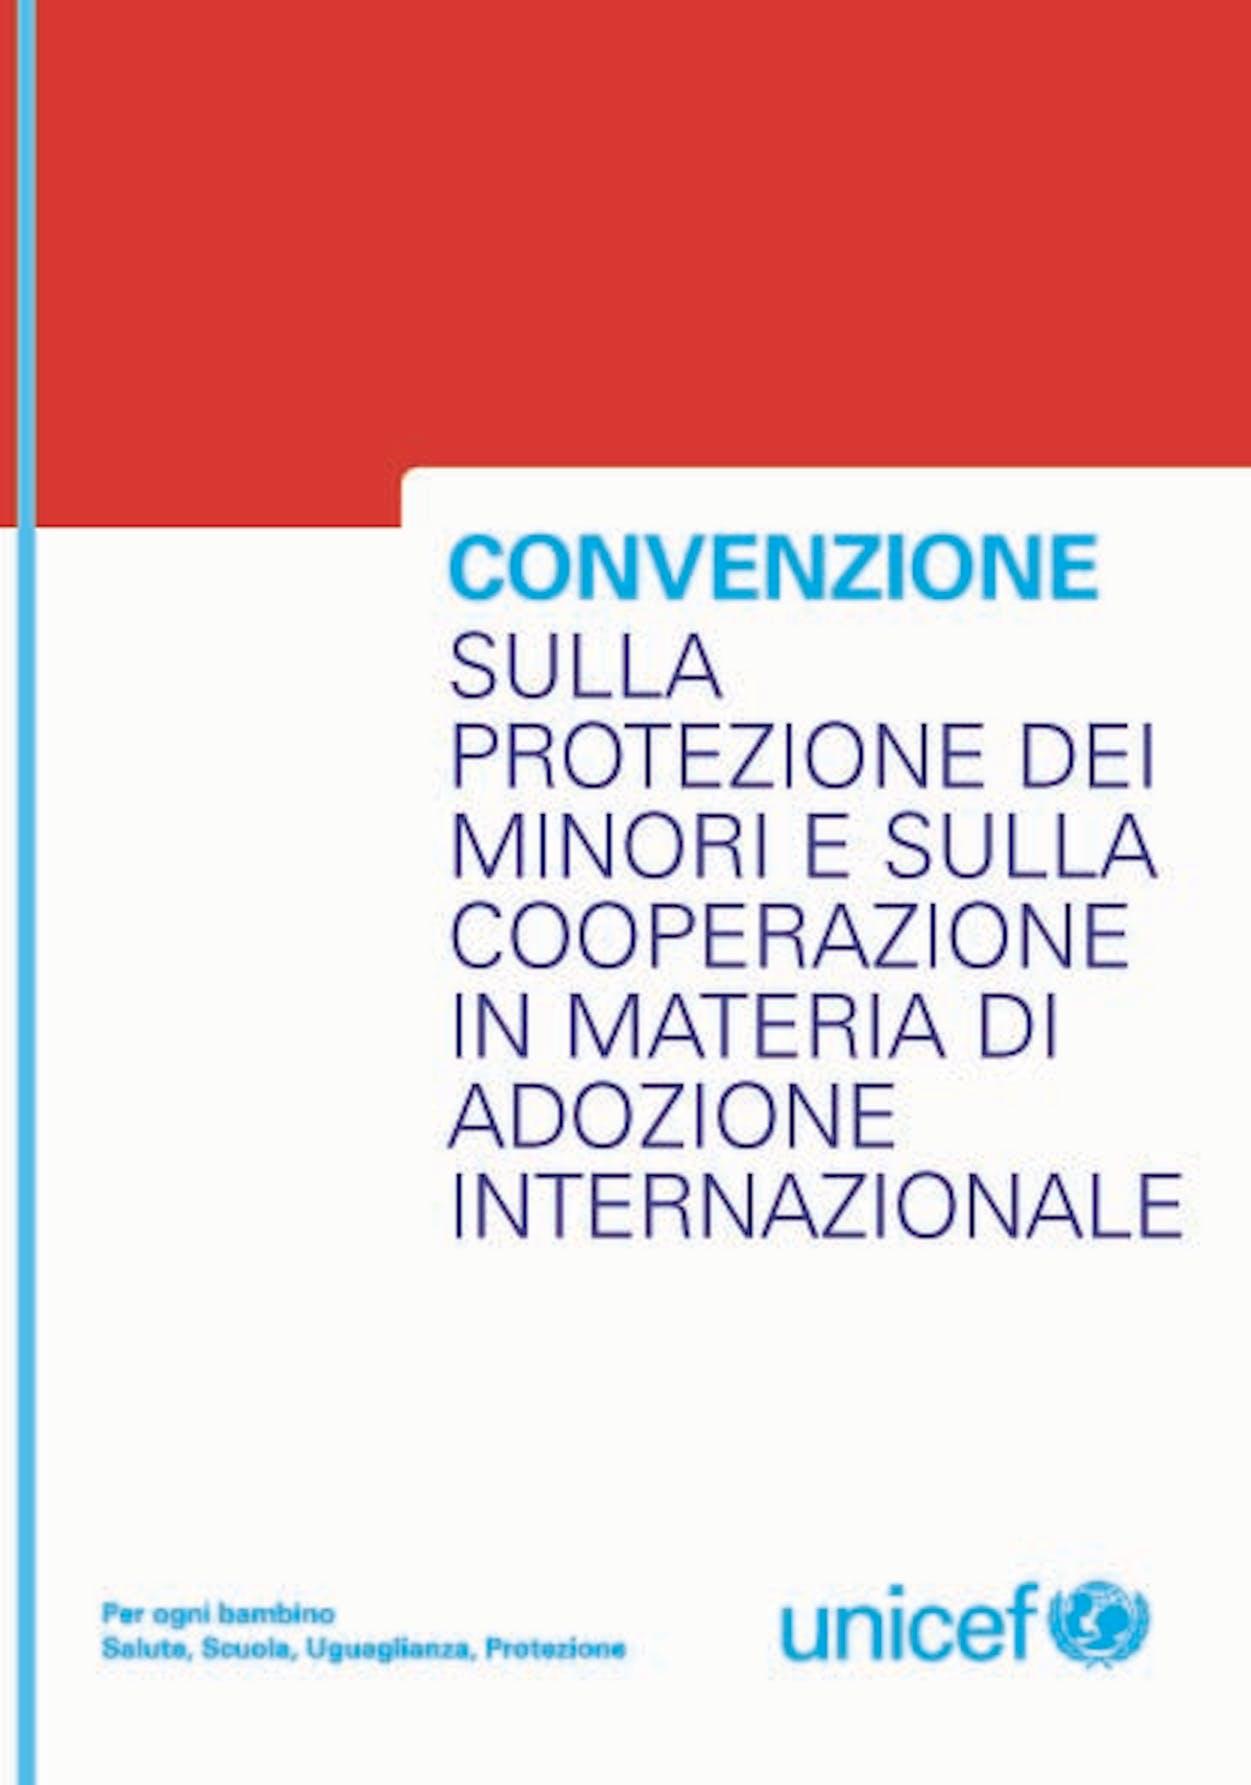 Convenzione sulla protezione dei minori e sulla cooperazione in materia di adozione internazionale